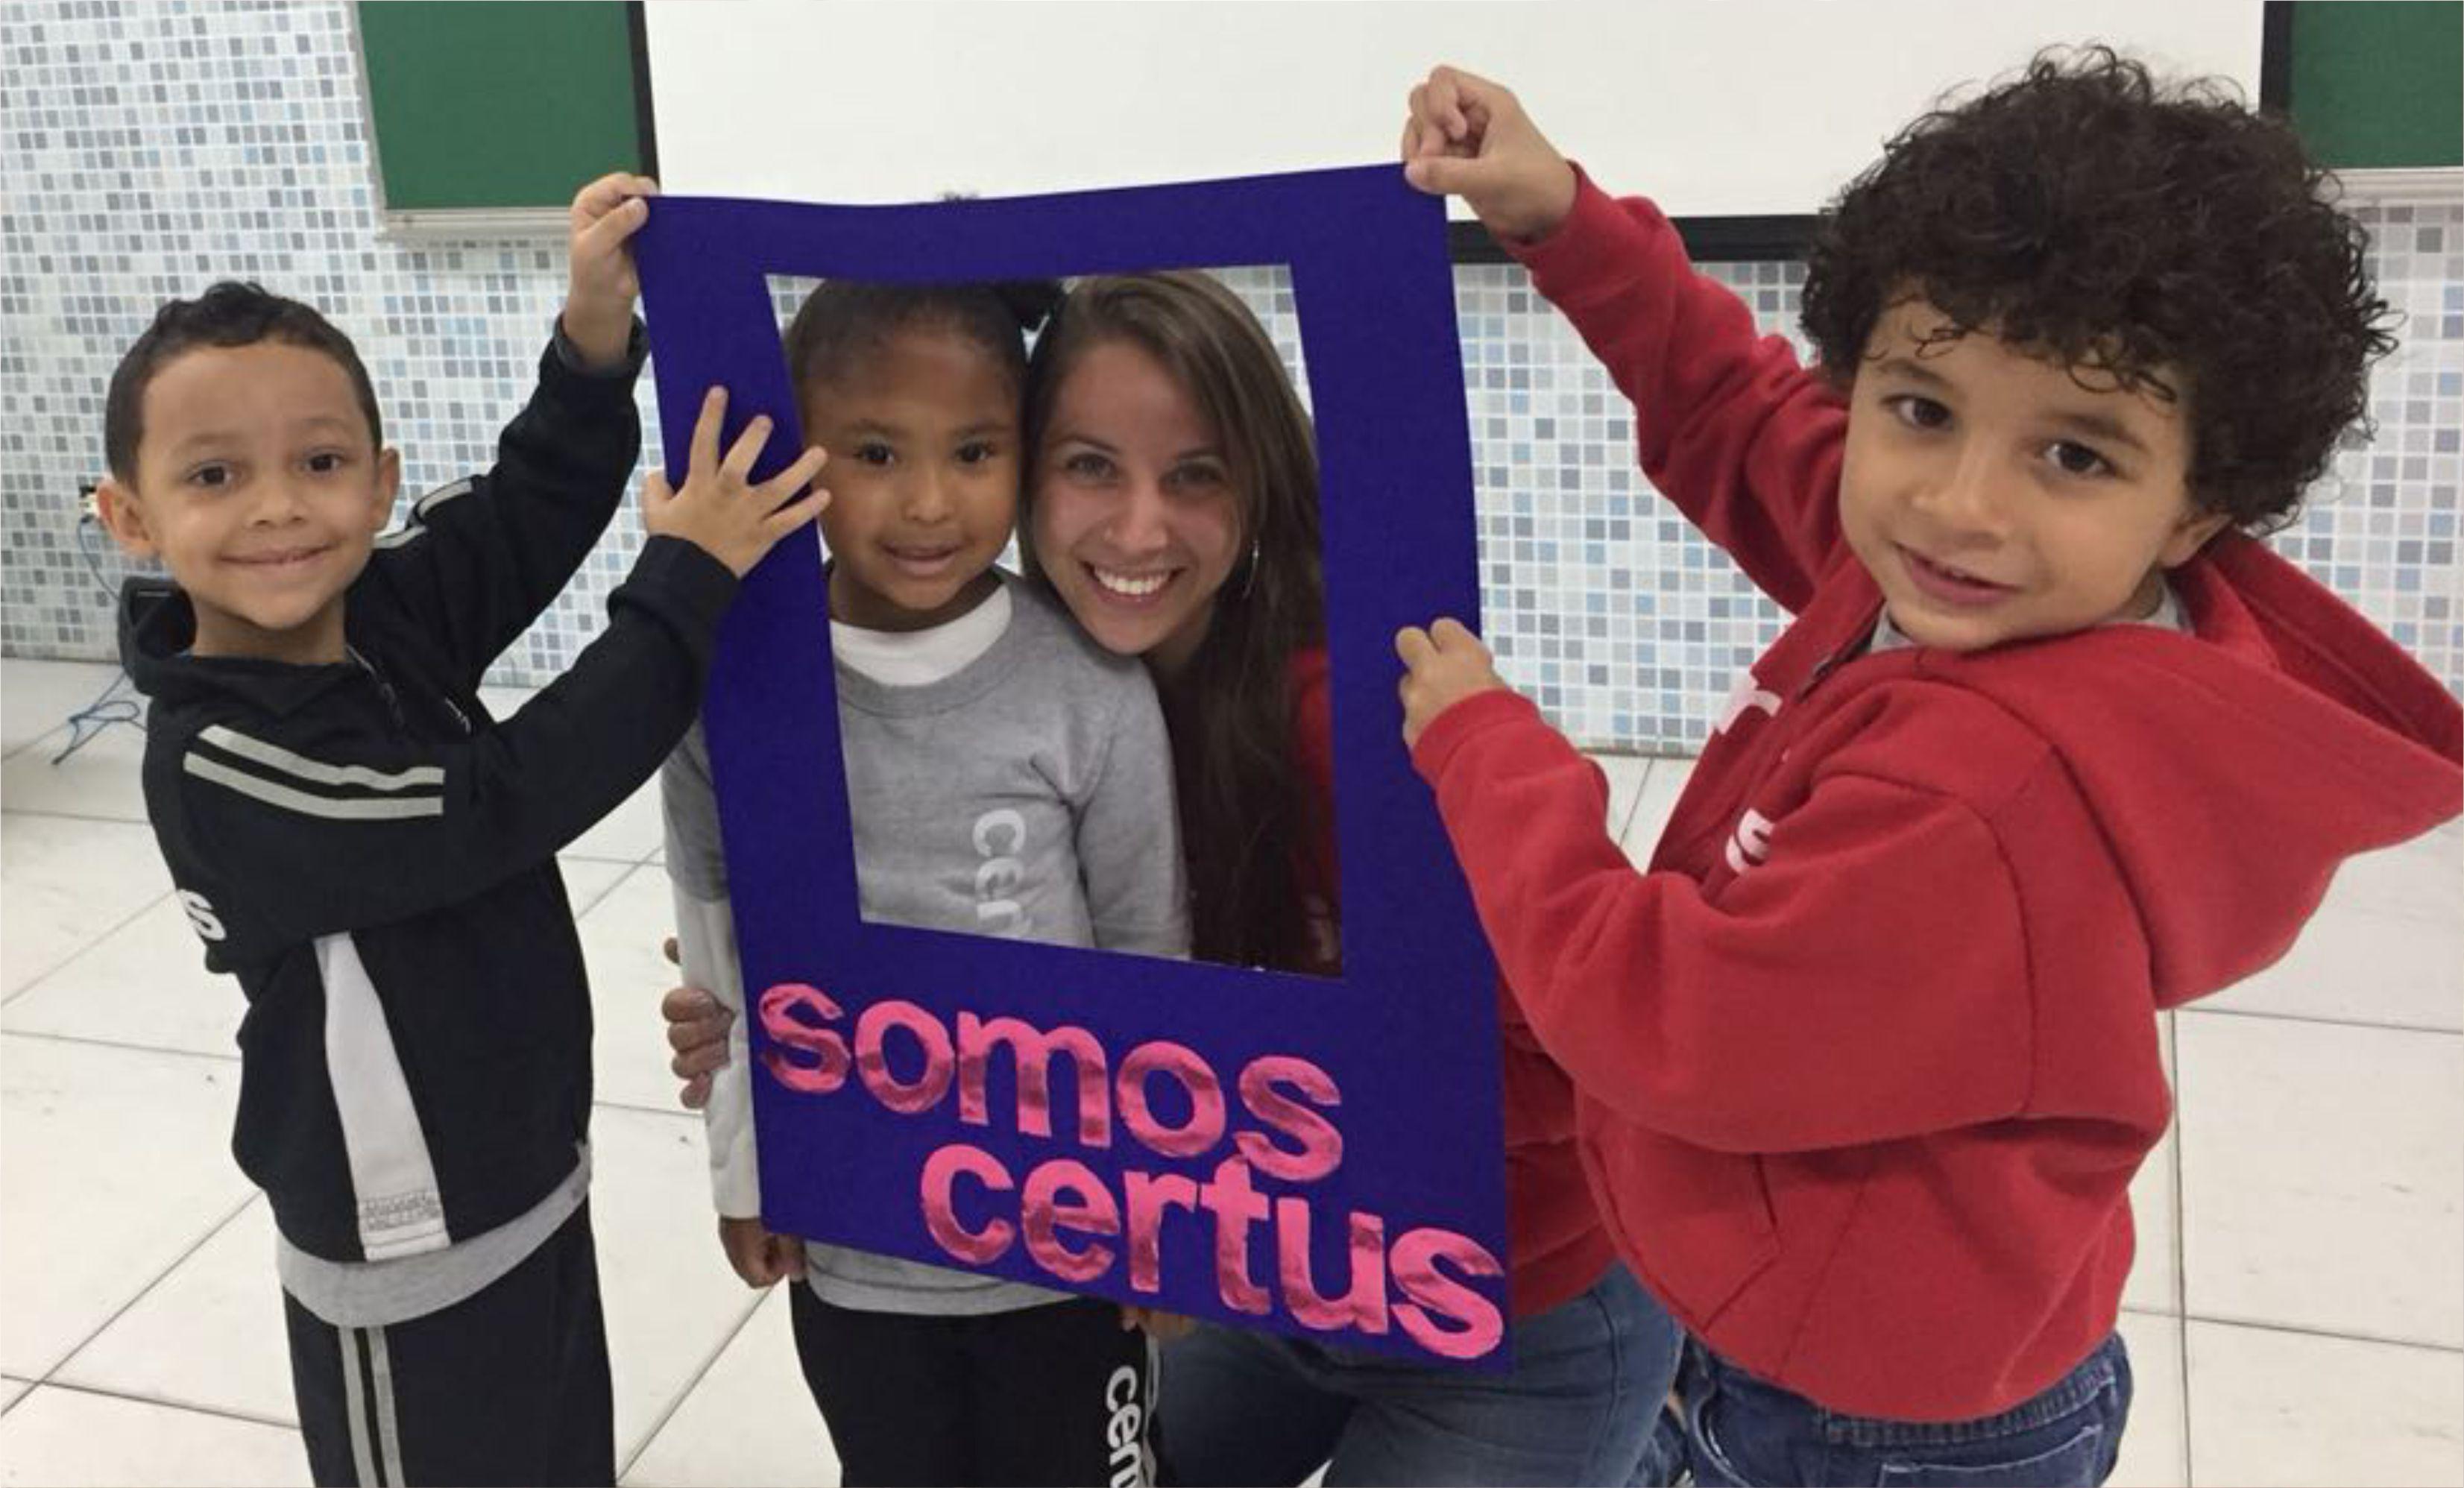 Turma do Integral do Certus iniciam as atividades do ano com integração de dinâmicas de grupo que contribuem no processo de ensino aprendizagem sendo um importante instrumento educacional